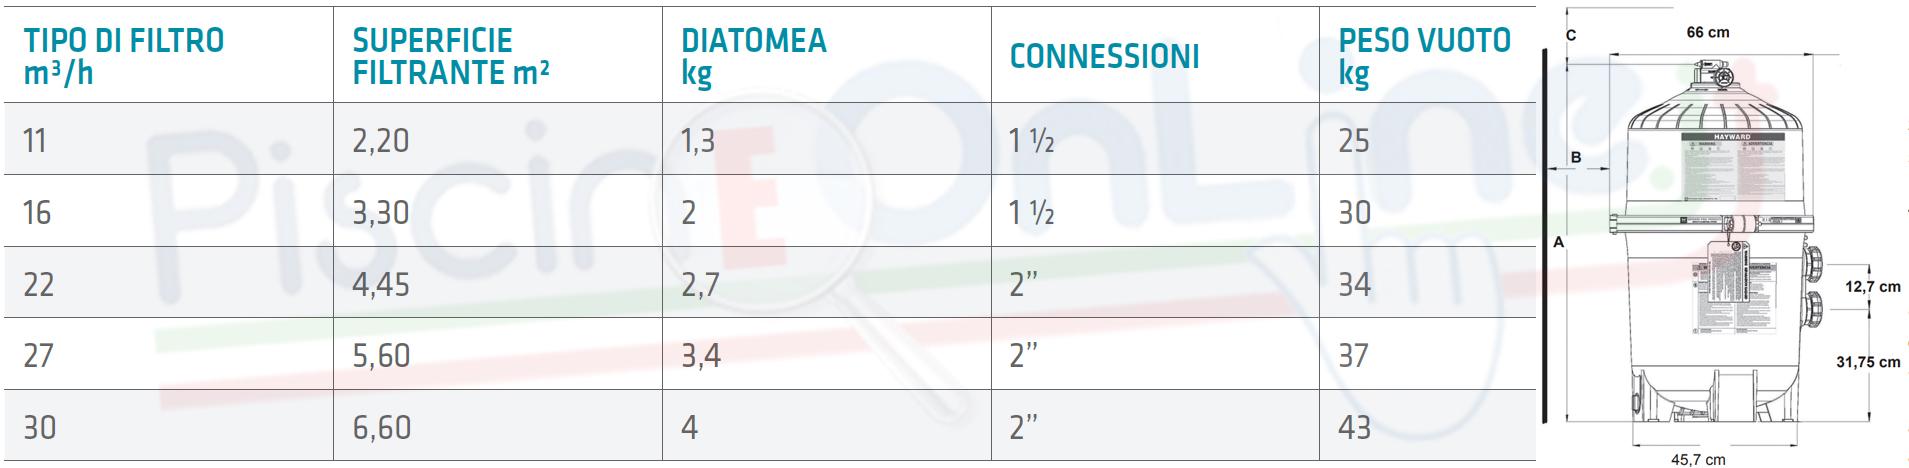 caratteristiche filtro diatomea